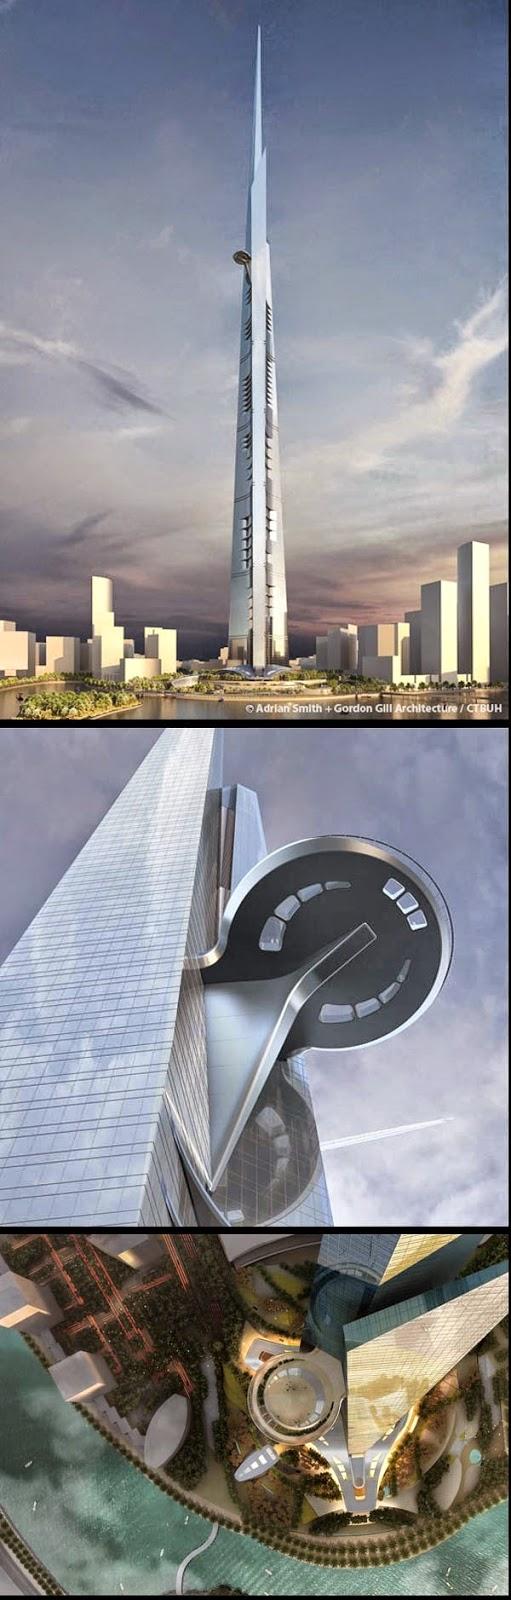 Pembinaan Menara Tertinggi Dunia Kini Bermula di Jeddah Kingdom Tower